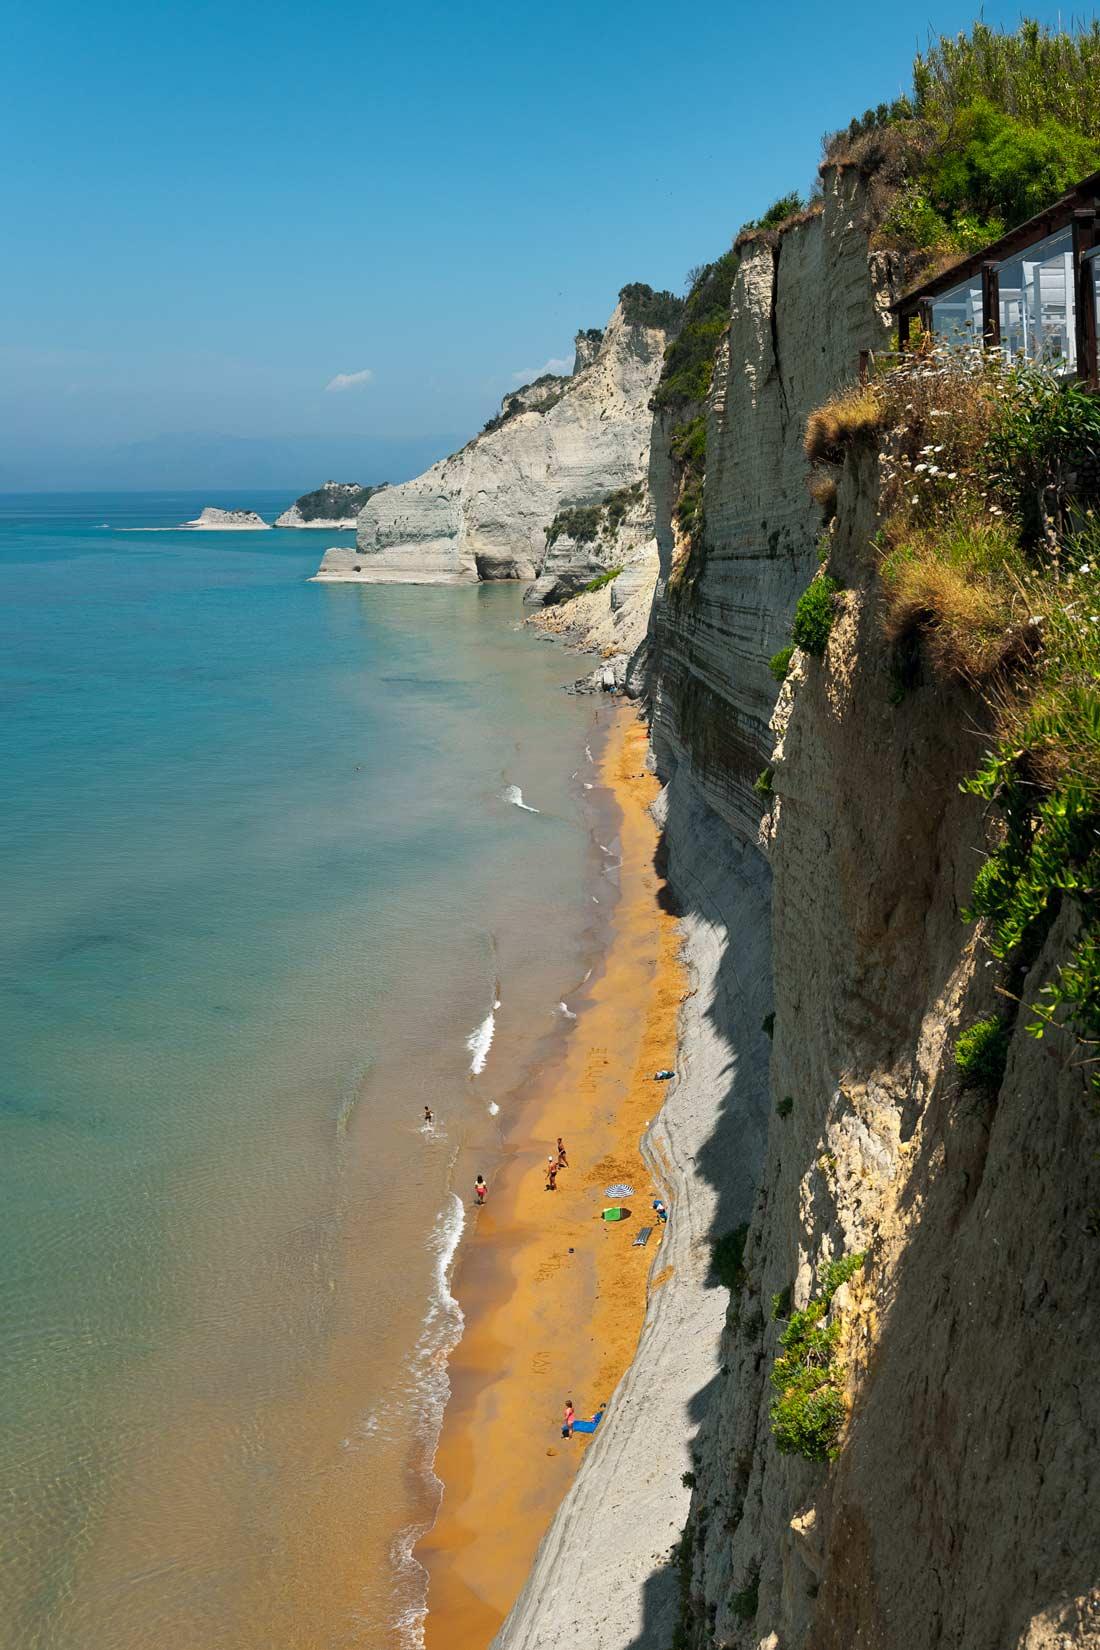 Jedinečný pohled ze skleněné vyhlídky taverny 7. nebe  nad pláží u mysu Drastis